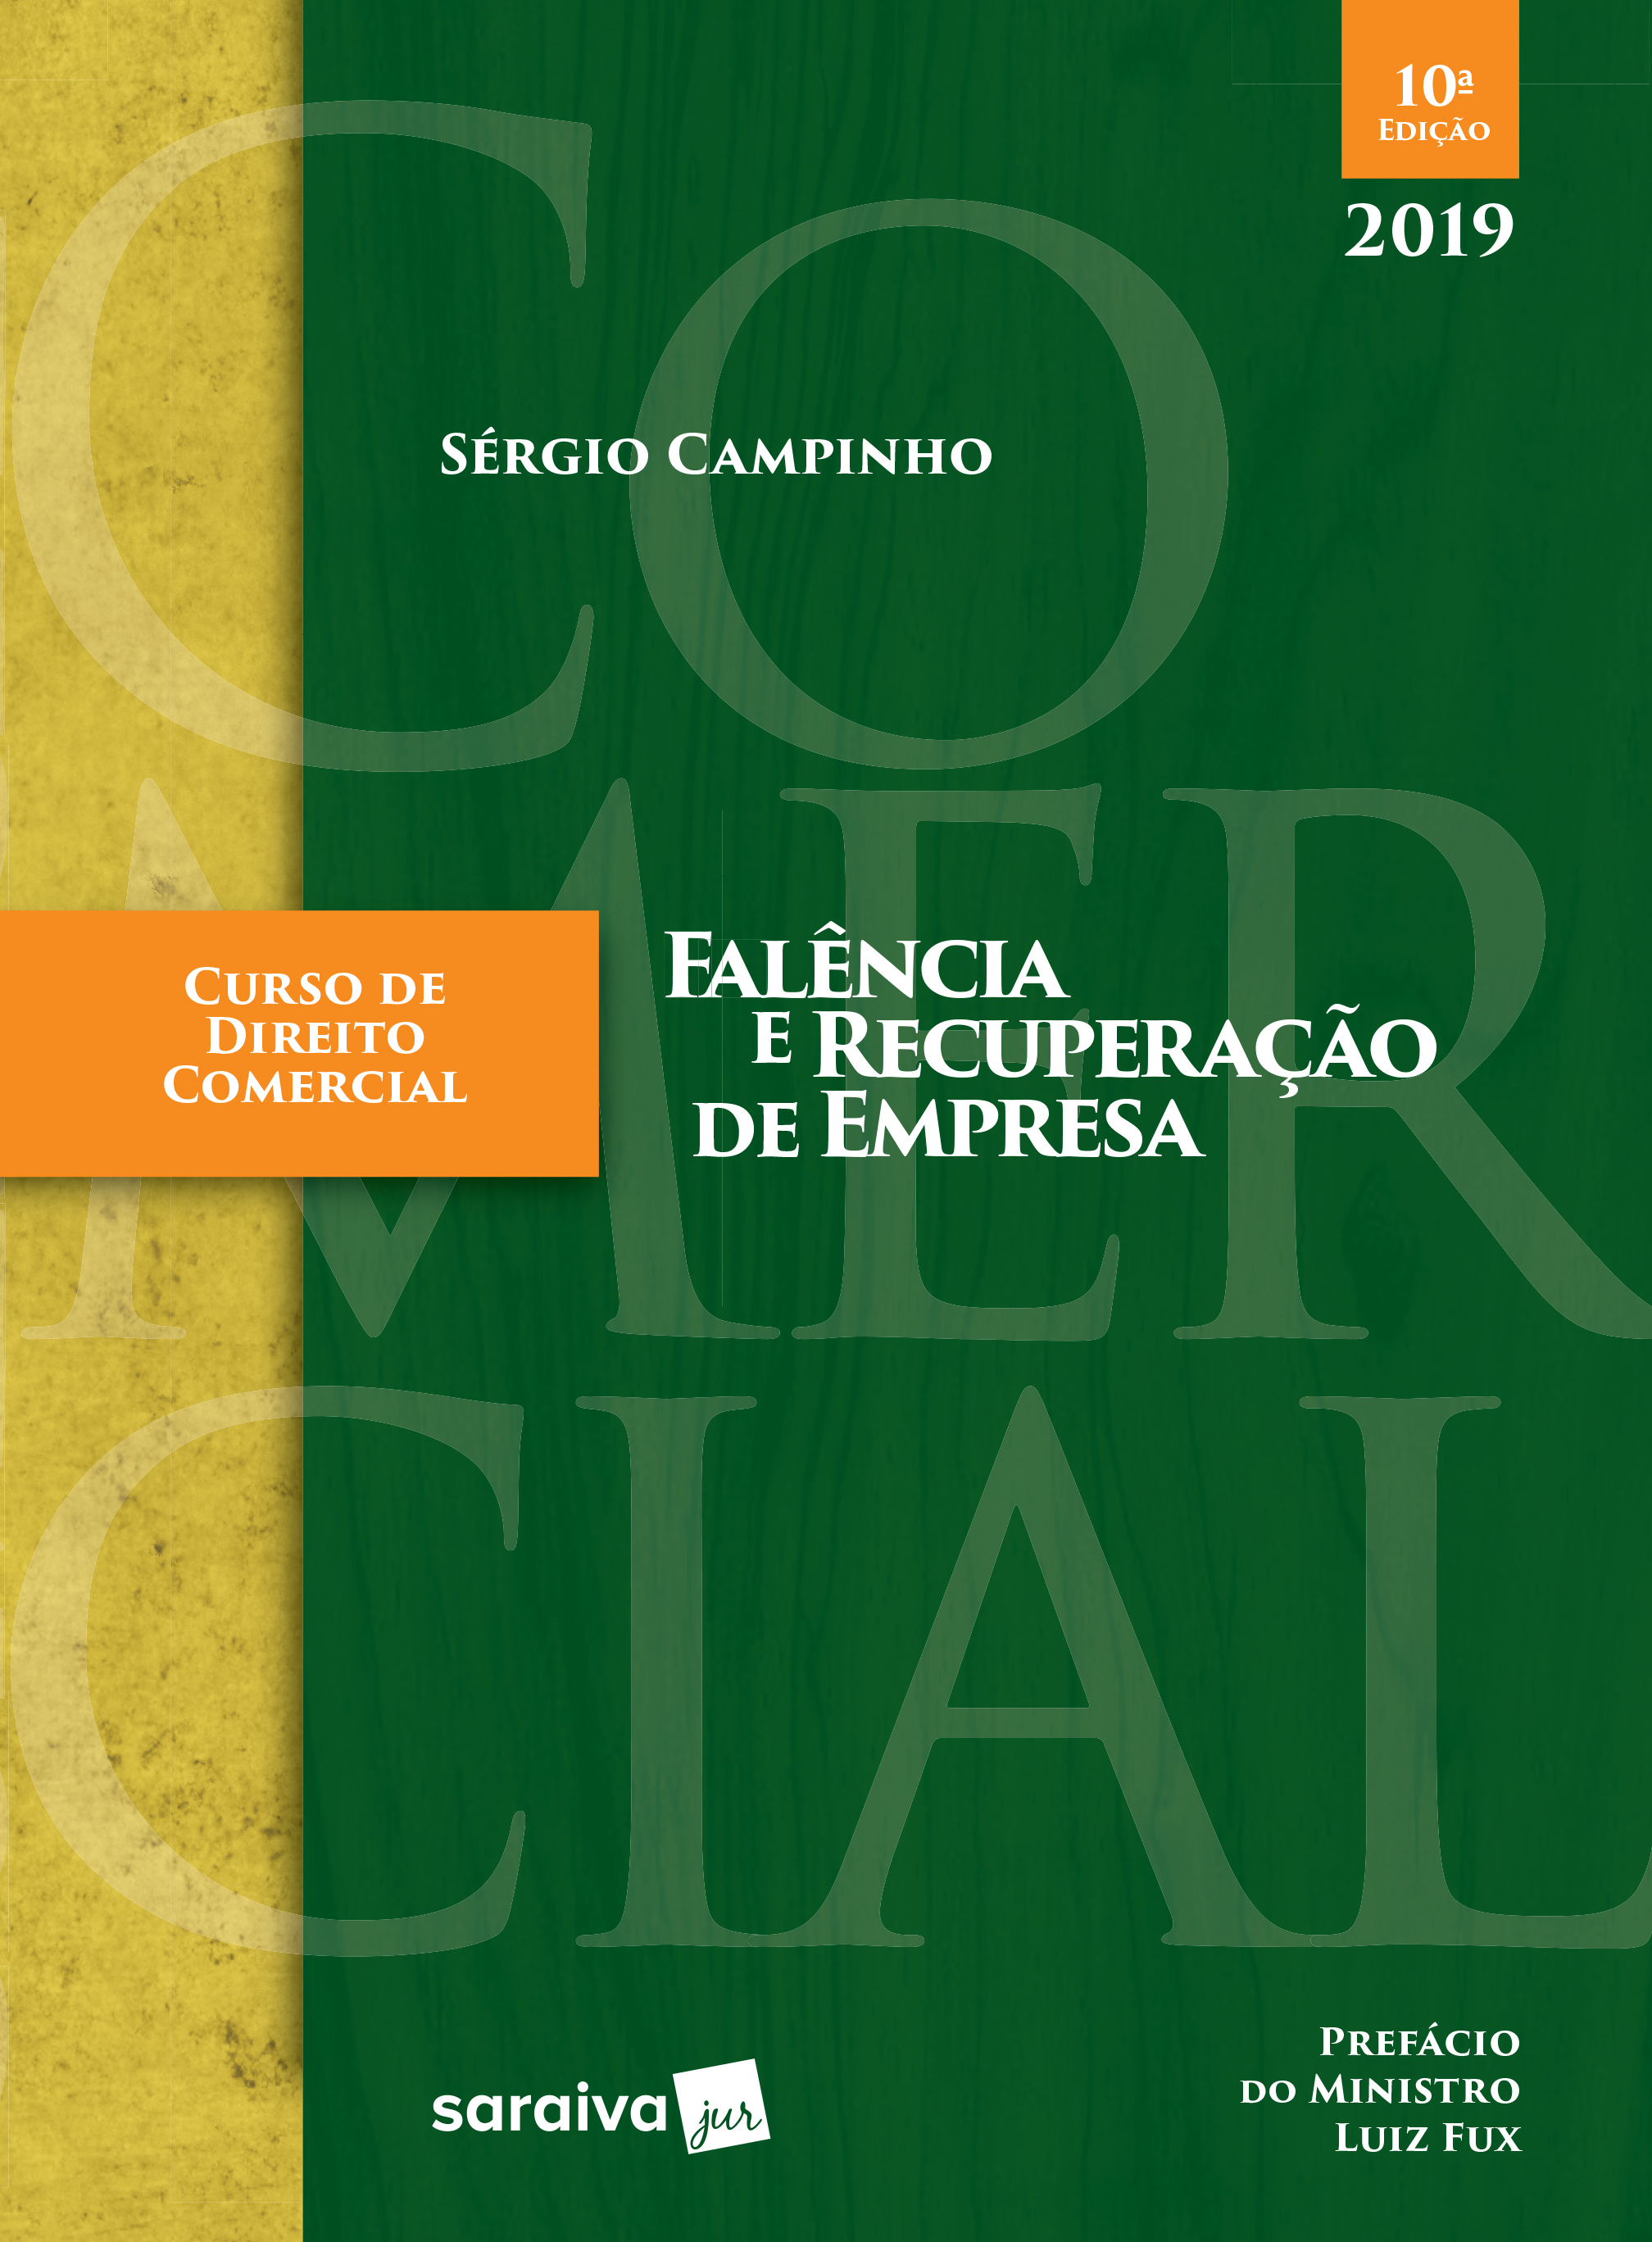 Curso_de_direito_comercial_falencia_sergio_campinho-10edfrente